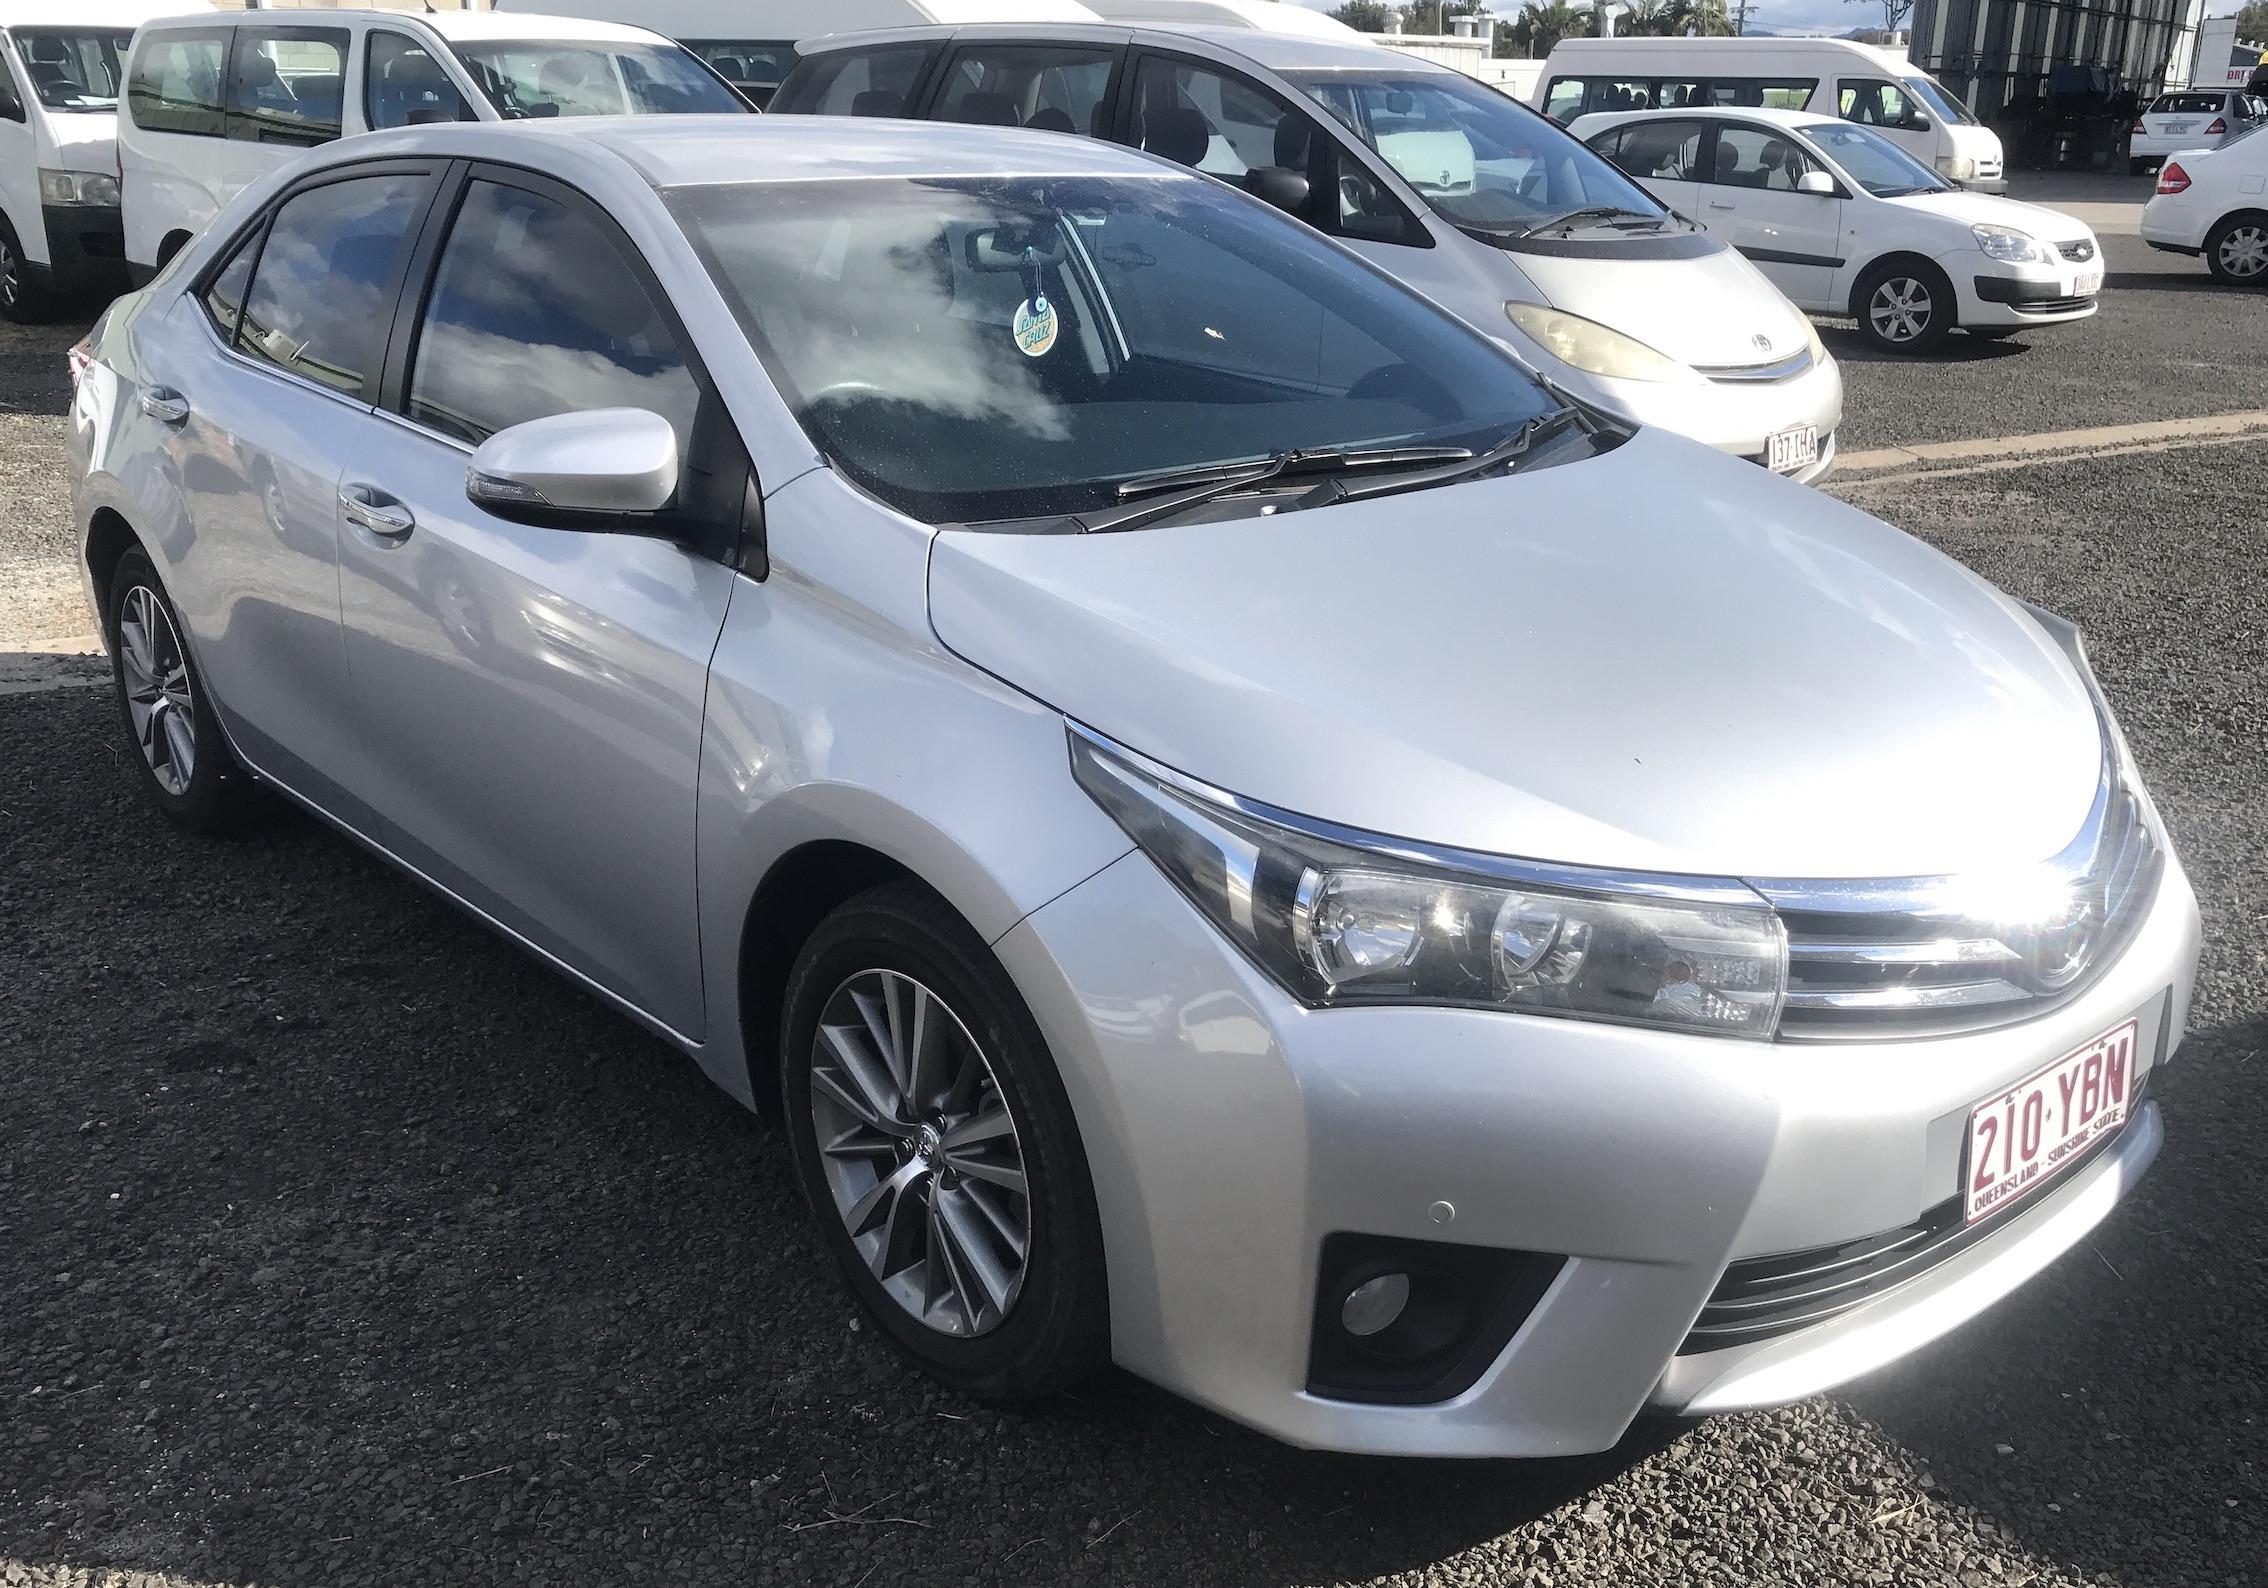 Picture of Danilo's 2014 Toyota Corolla